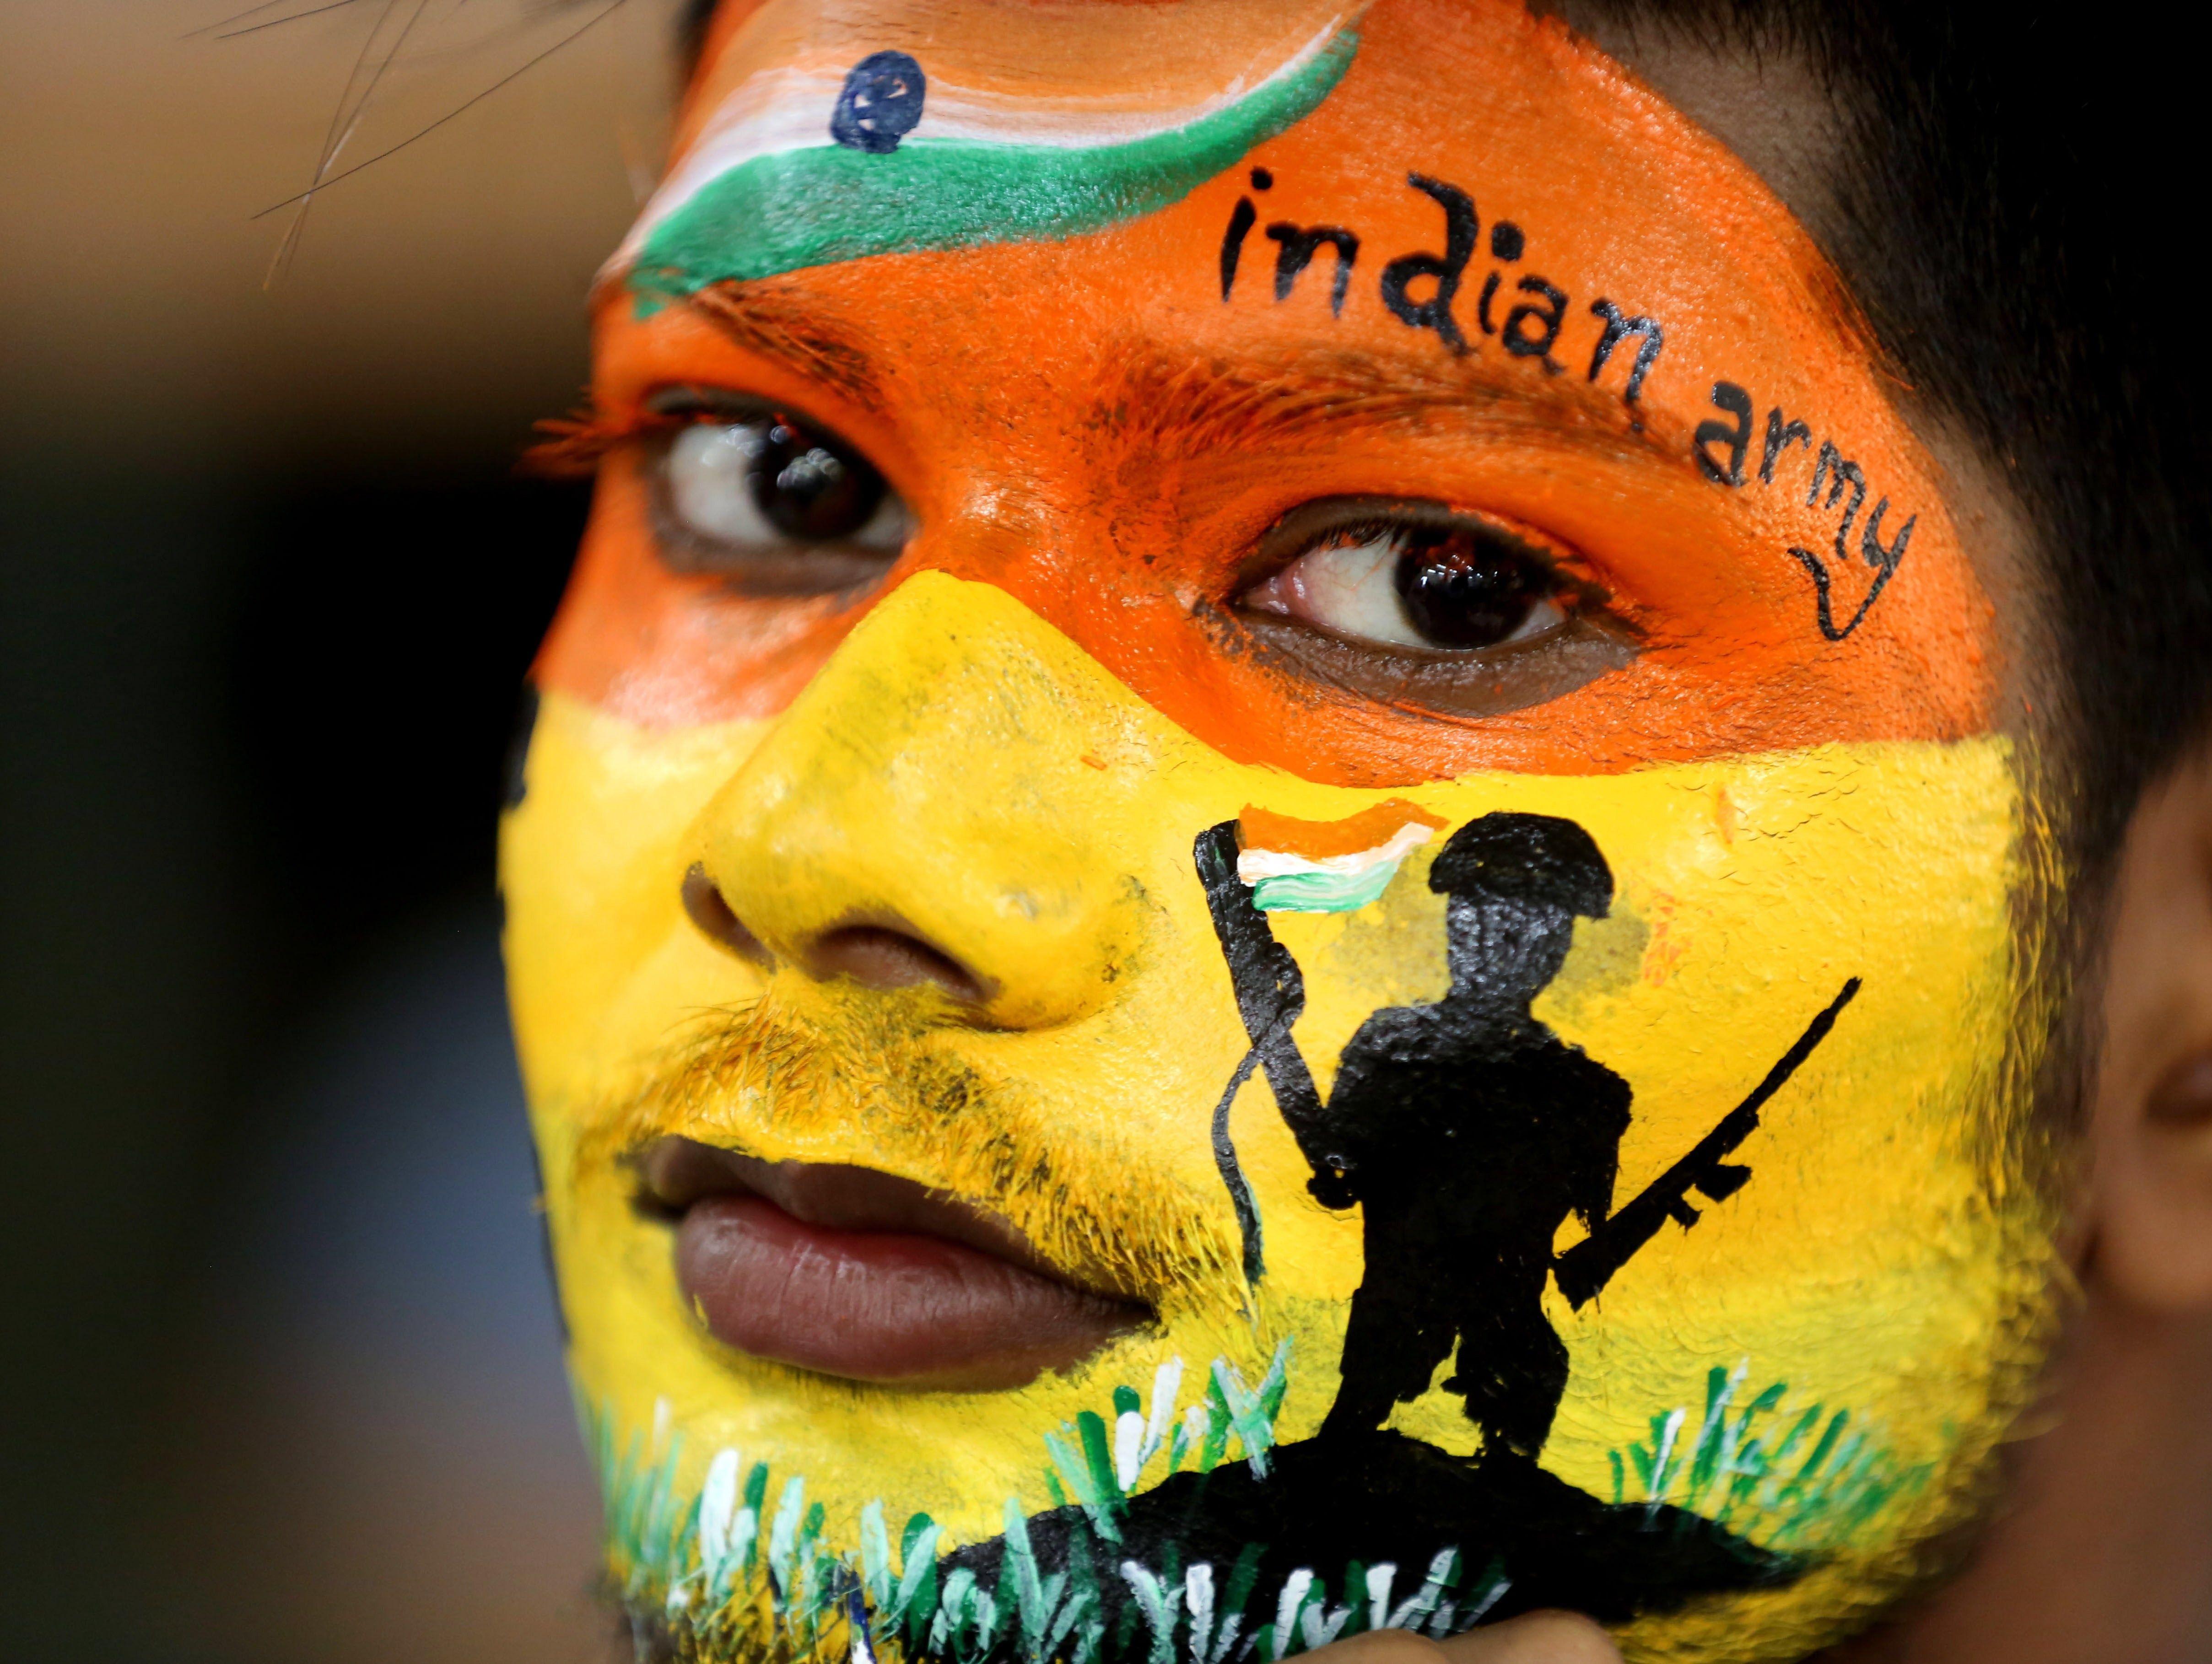 Concurso de pintura facial en Bhopal. EFE